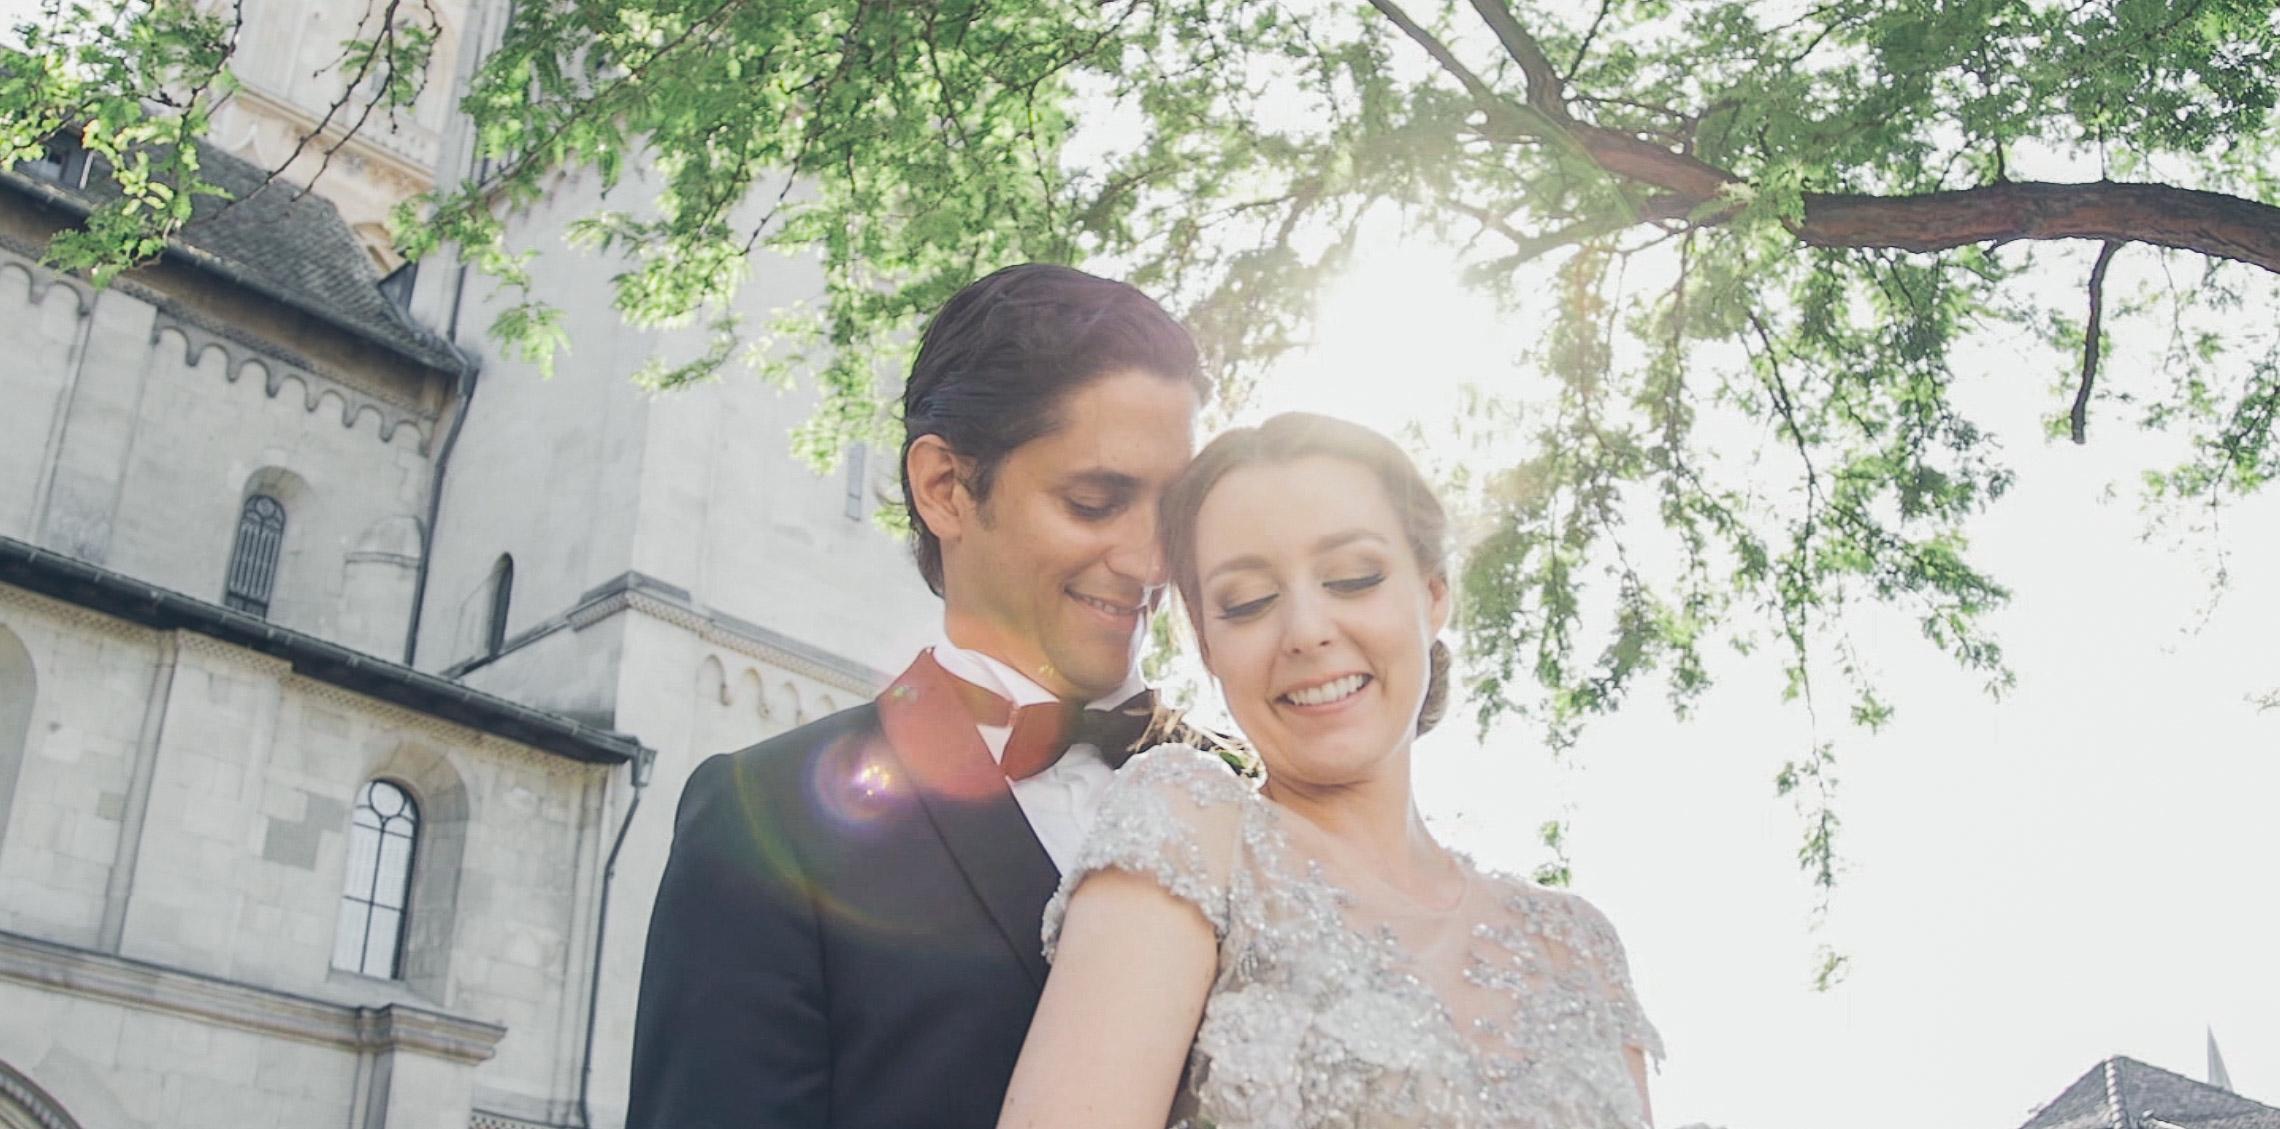 Weddingvideo in Zurich